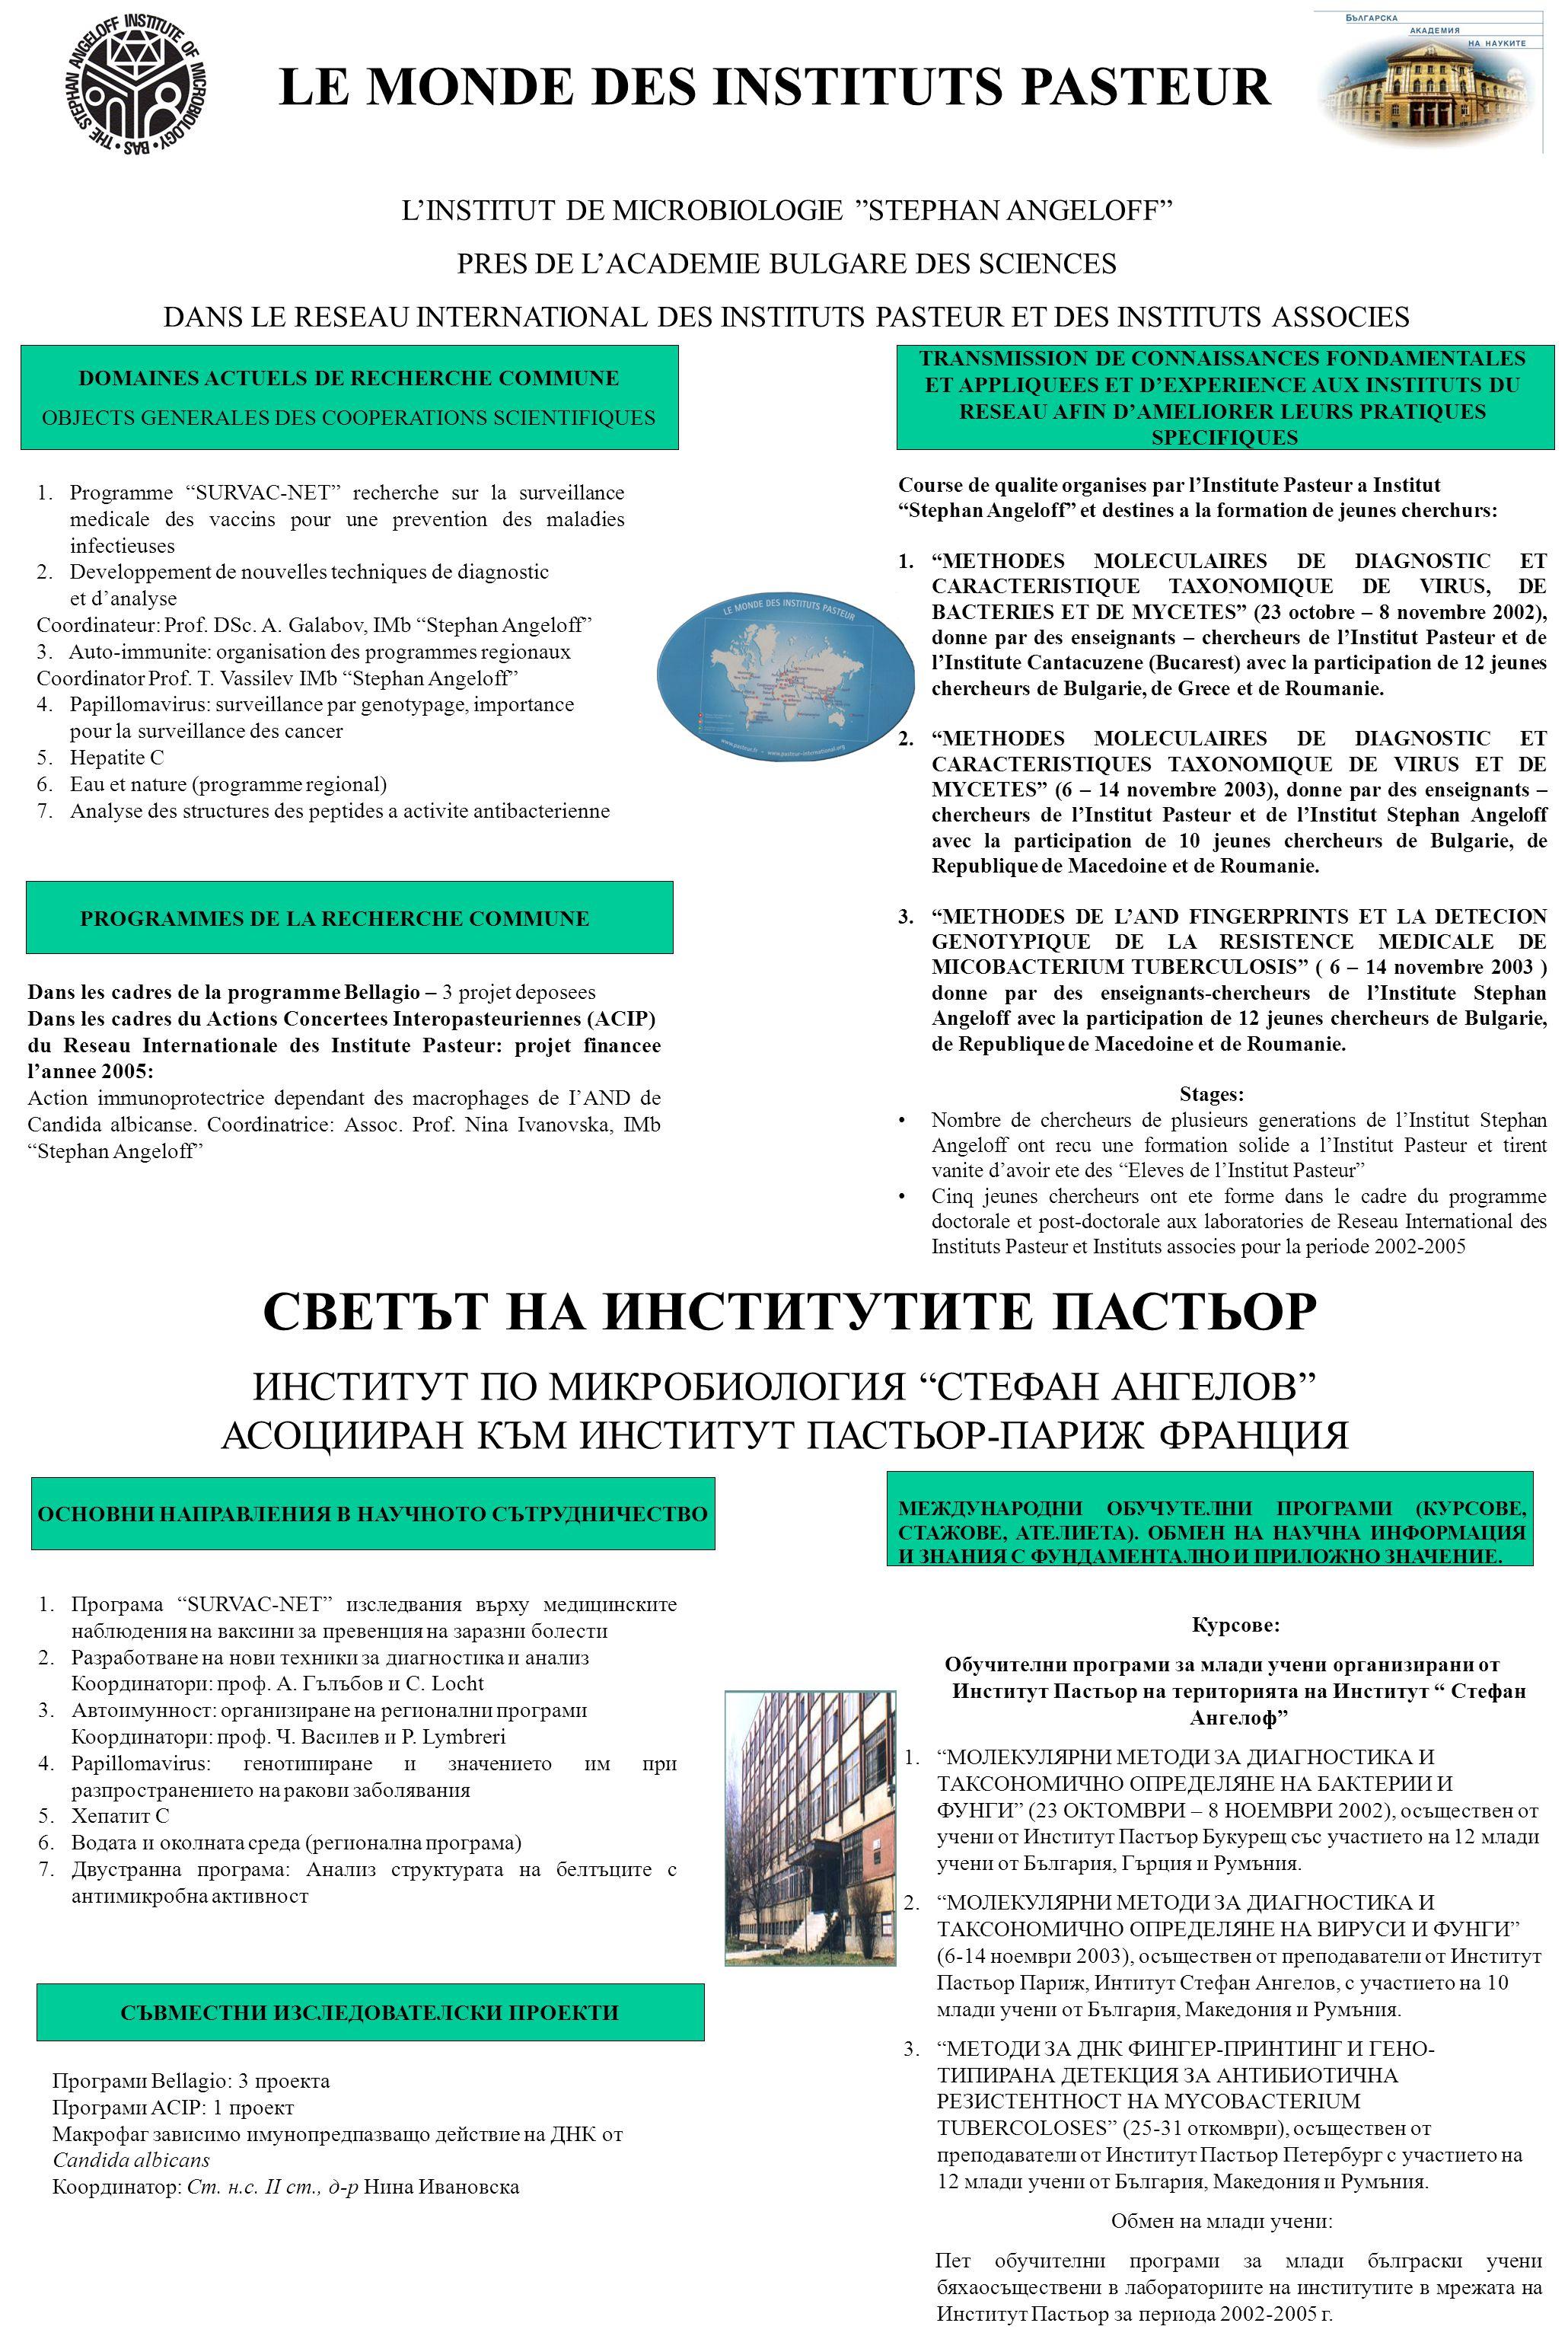 LE MONDE DES INSTITUTS PASTEUR L'INSTITUT DE MICROBIOLOGIE STEPHAN ANGELOFF PRES DE L'ACADEMIE BULGARE DES SCIENCES DANS LE RESEAU INTERNATIONAL DES INSTITUTS PASTEUR ET DES INSTITUTS ASSOCIES DOMAINES ACTUELS DE RECHERCHE COMMUNE OBJECTS GENERALES DES COOPERATIONS SCIENTIFIQUES TRANSMISSION DE CONNAISSANCES FONDAMENTALES ET APPLIQUEES ET D'EXPERIENCE AUX INSTITUTS DU RESEAU AFIN D'AMELIORER LEURS PRATIQUES SPECIFIQUES 1.Programme SURVAC-NET recherche sur la surveillance medicale des vaccins pour une prevention des maladies infectieuses 2.Developpement de nouvelles techniques de diagnostic et d'analyse Coordinateur: Prof.